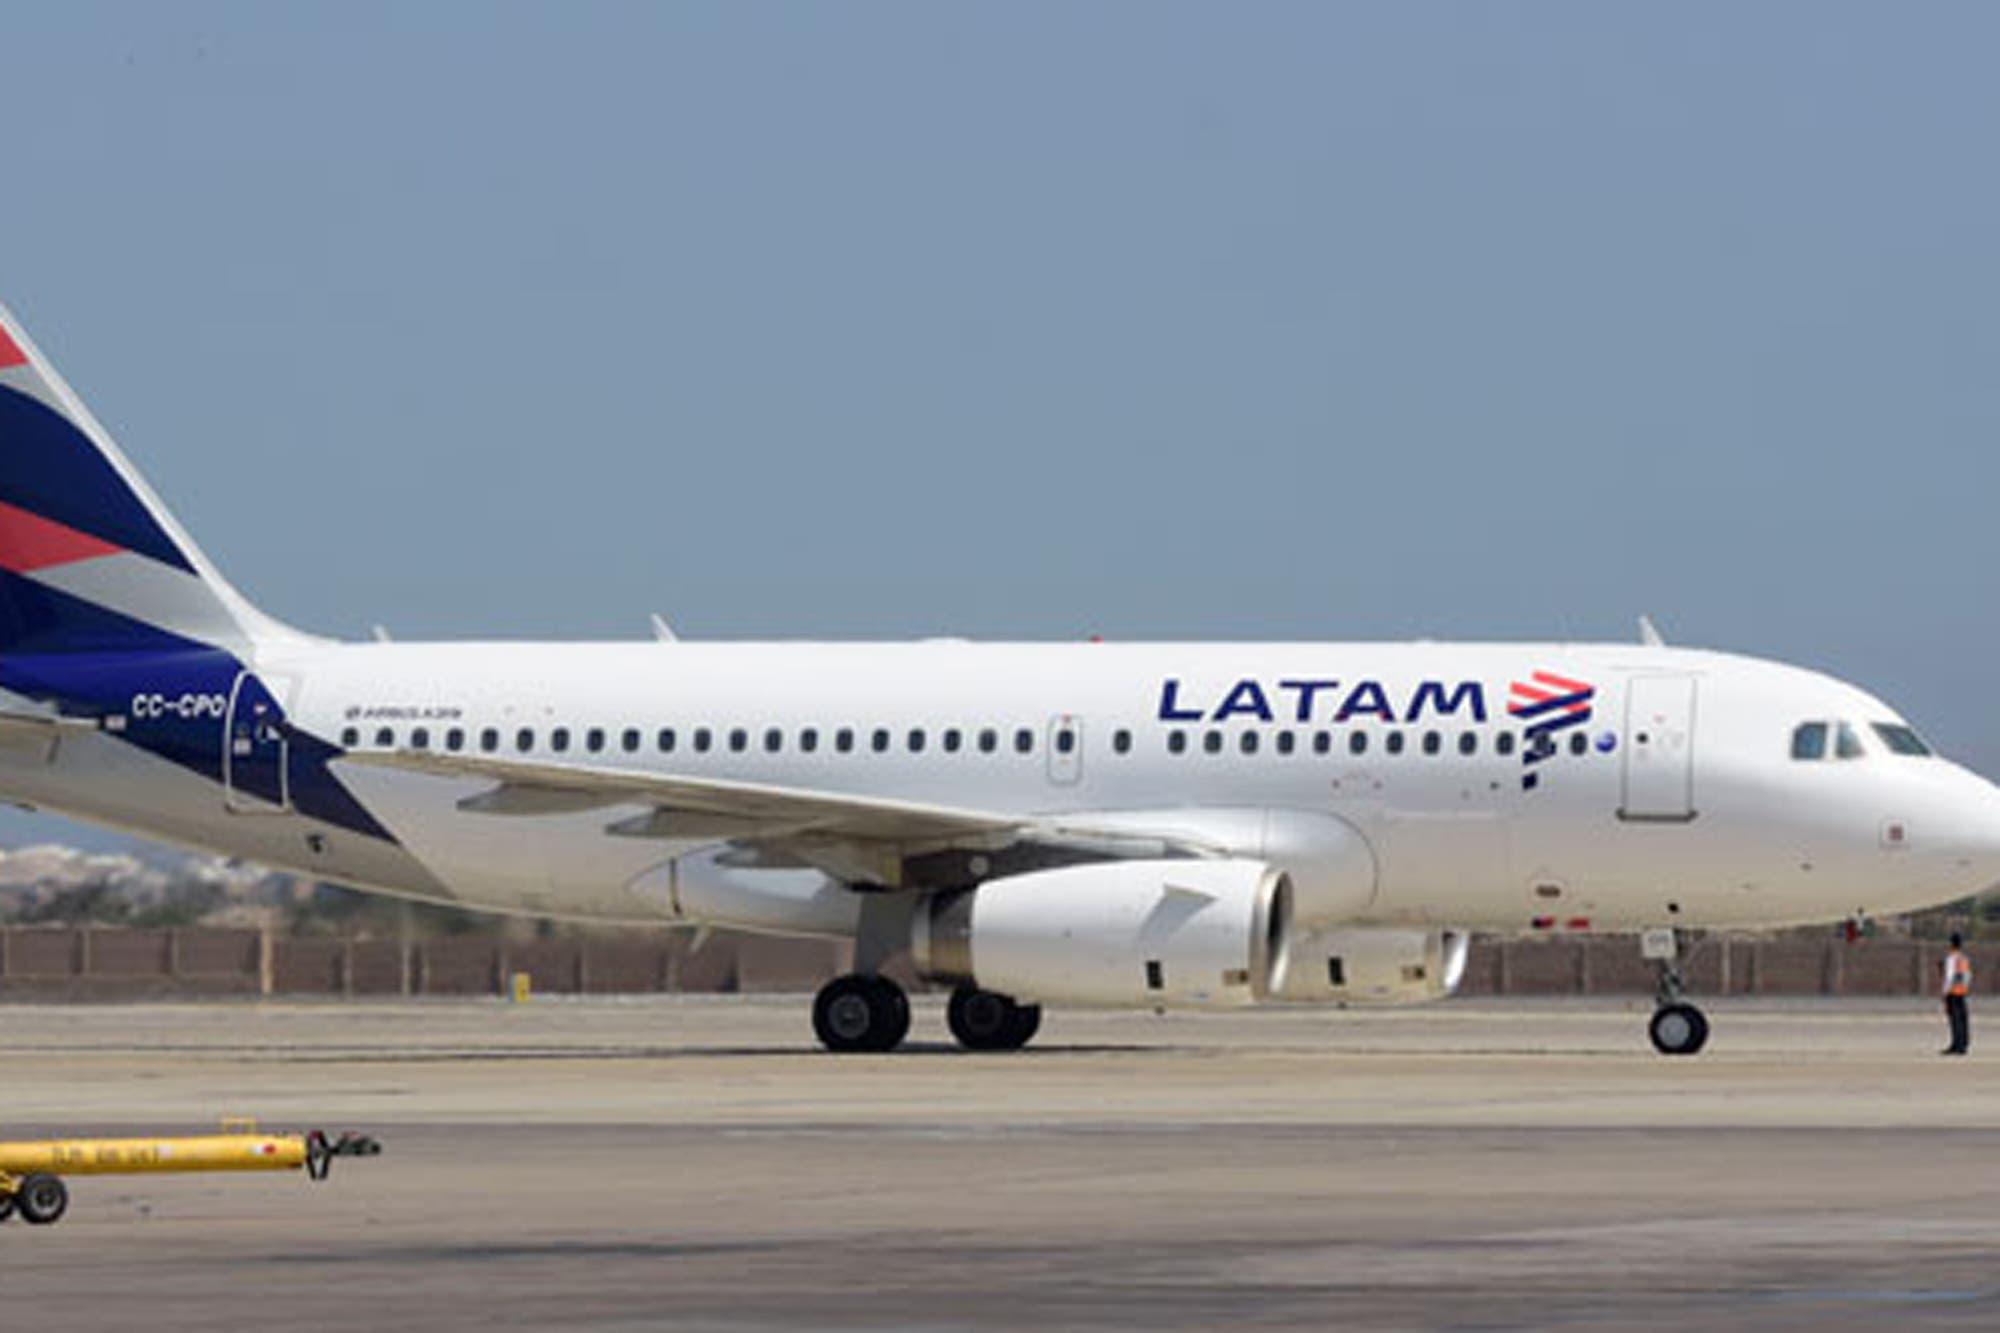 Latam agregó cuatro tarifas nuevas y se sumó al modelo low cost